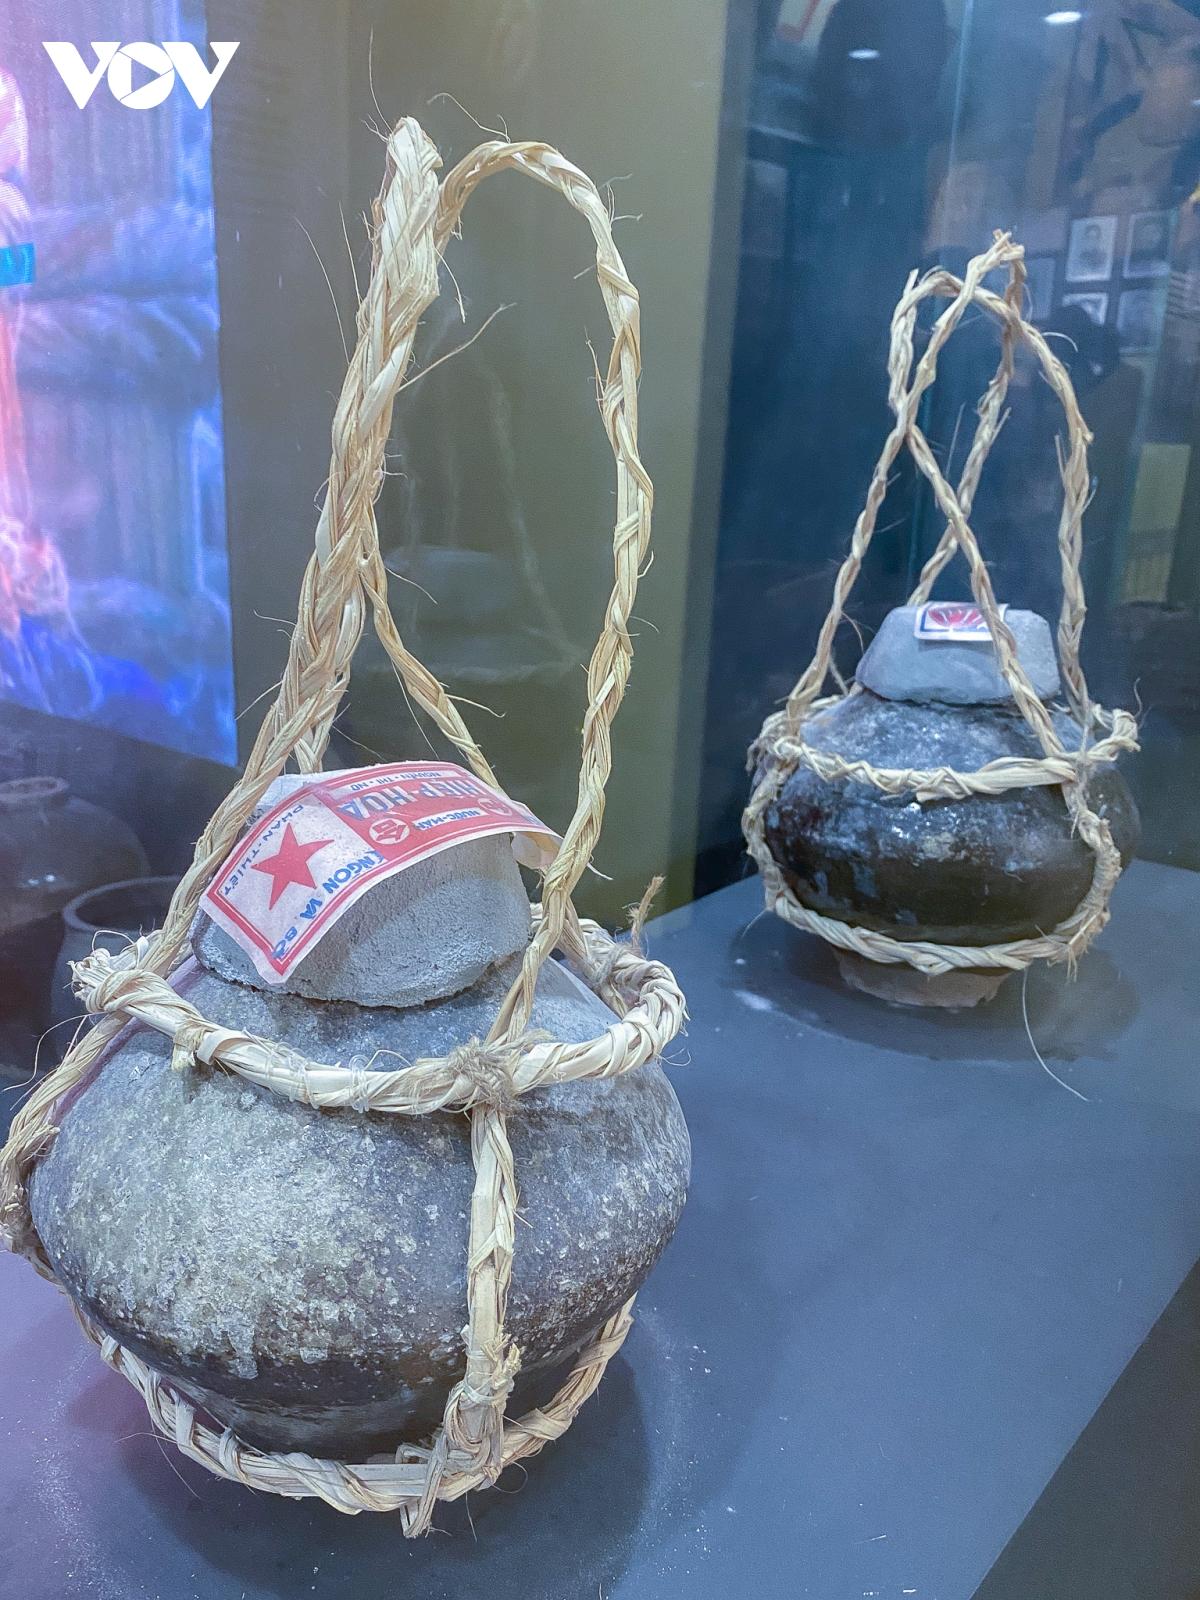 Tìm hiểu nghề làm mắm hàng trăm năm tại Phan Thiết - Ảnh 12.